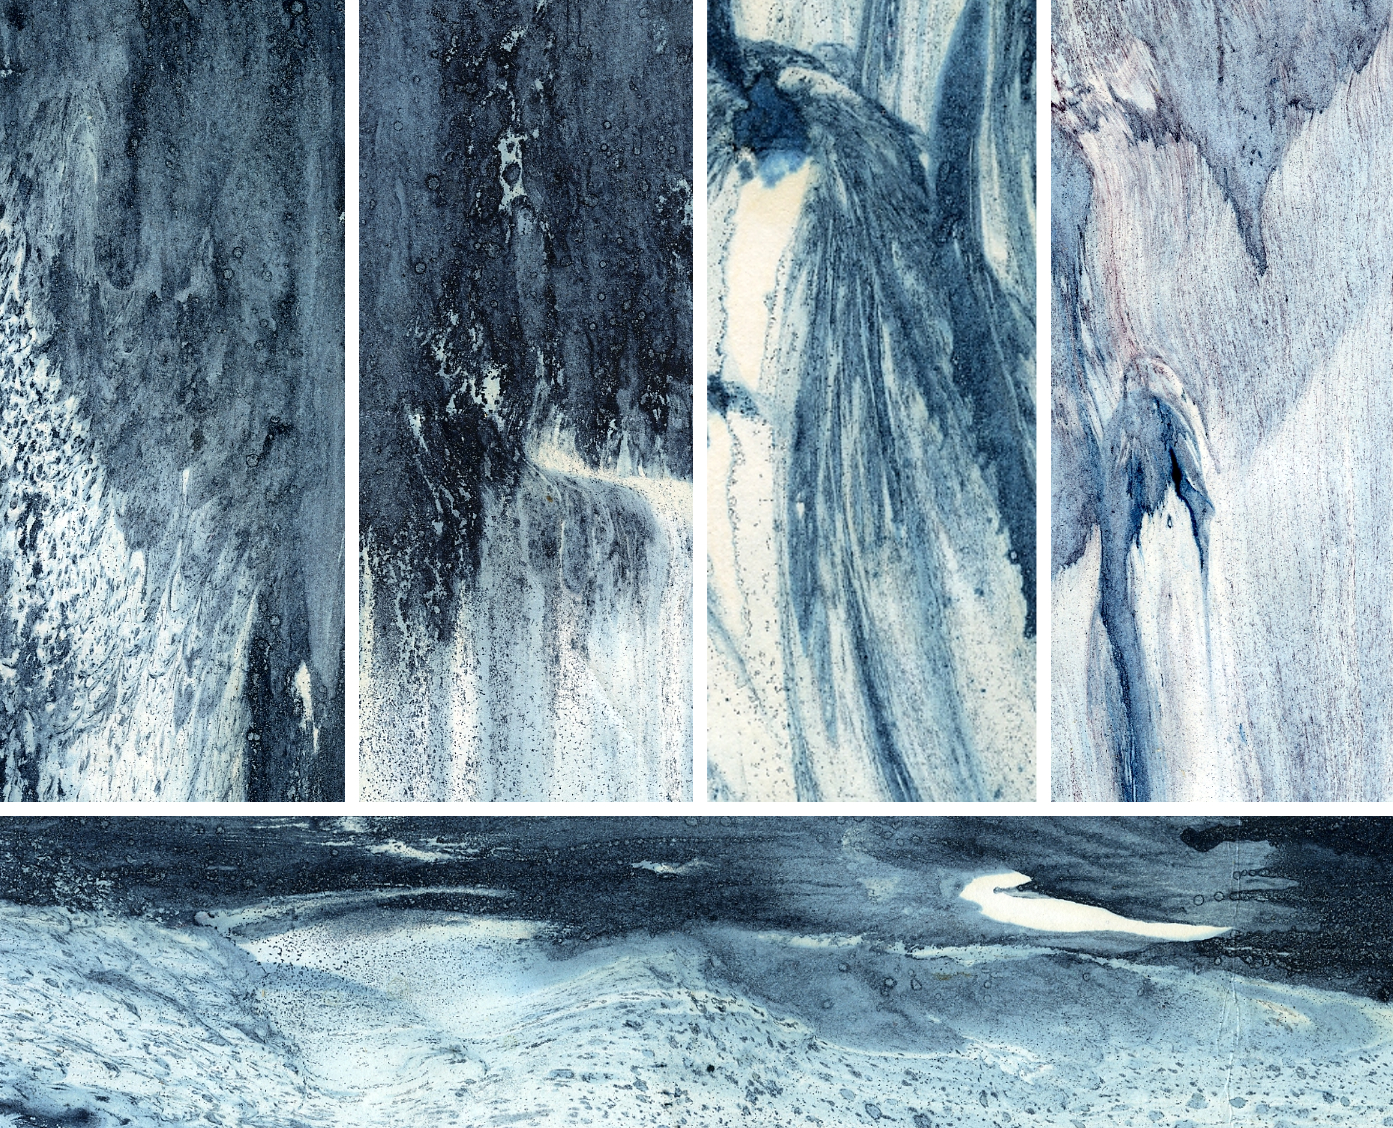 007 Монотипия на воде-имитация мрамора